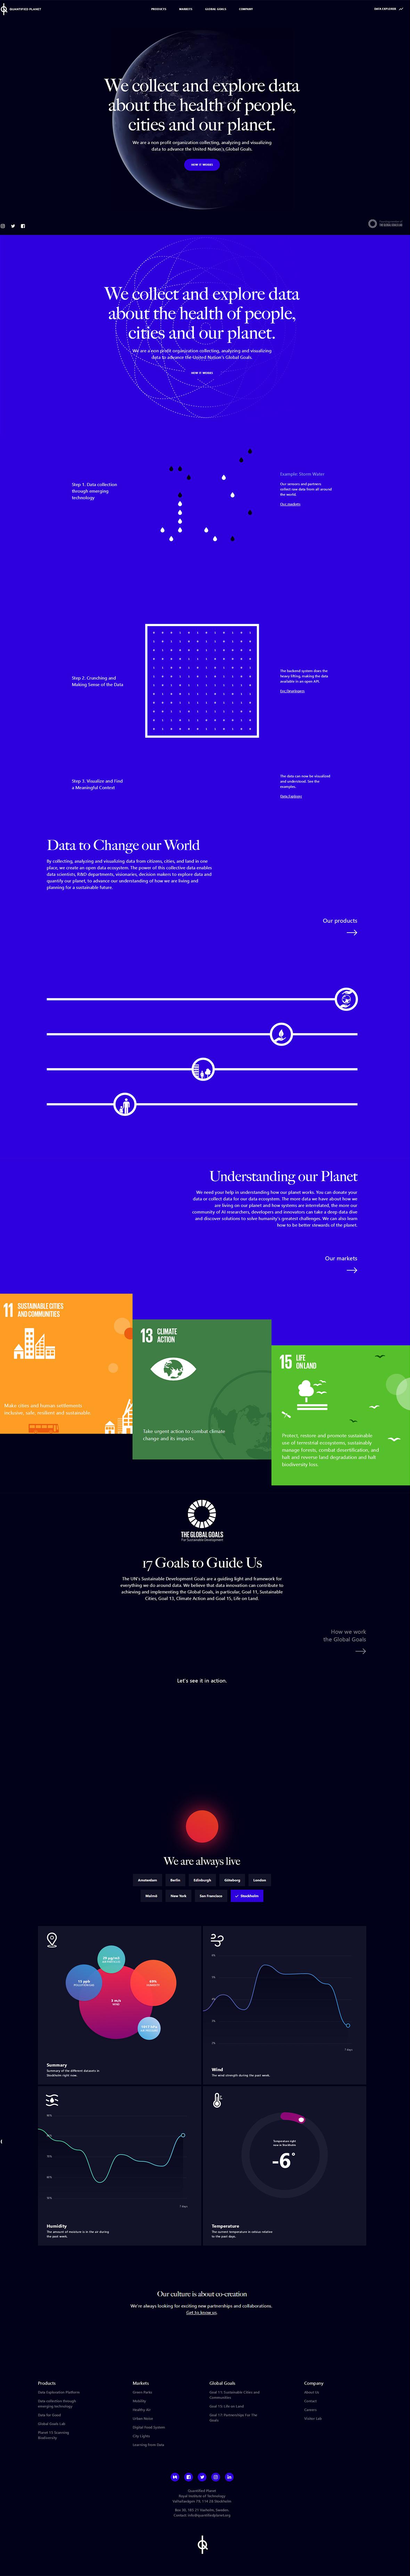 quantified planet-创意,网页设计,创意设计,创意网站,字体设计,创意作品,设计作品,网站欣赏,优,ui设计,设计,设计师,平面设计,设计导航,电商设计,动漫设计,三维设计,平面设计